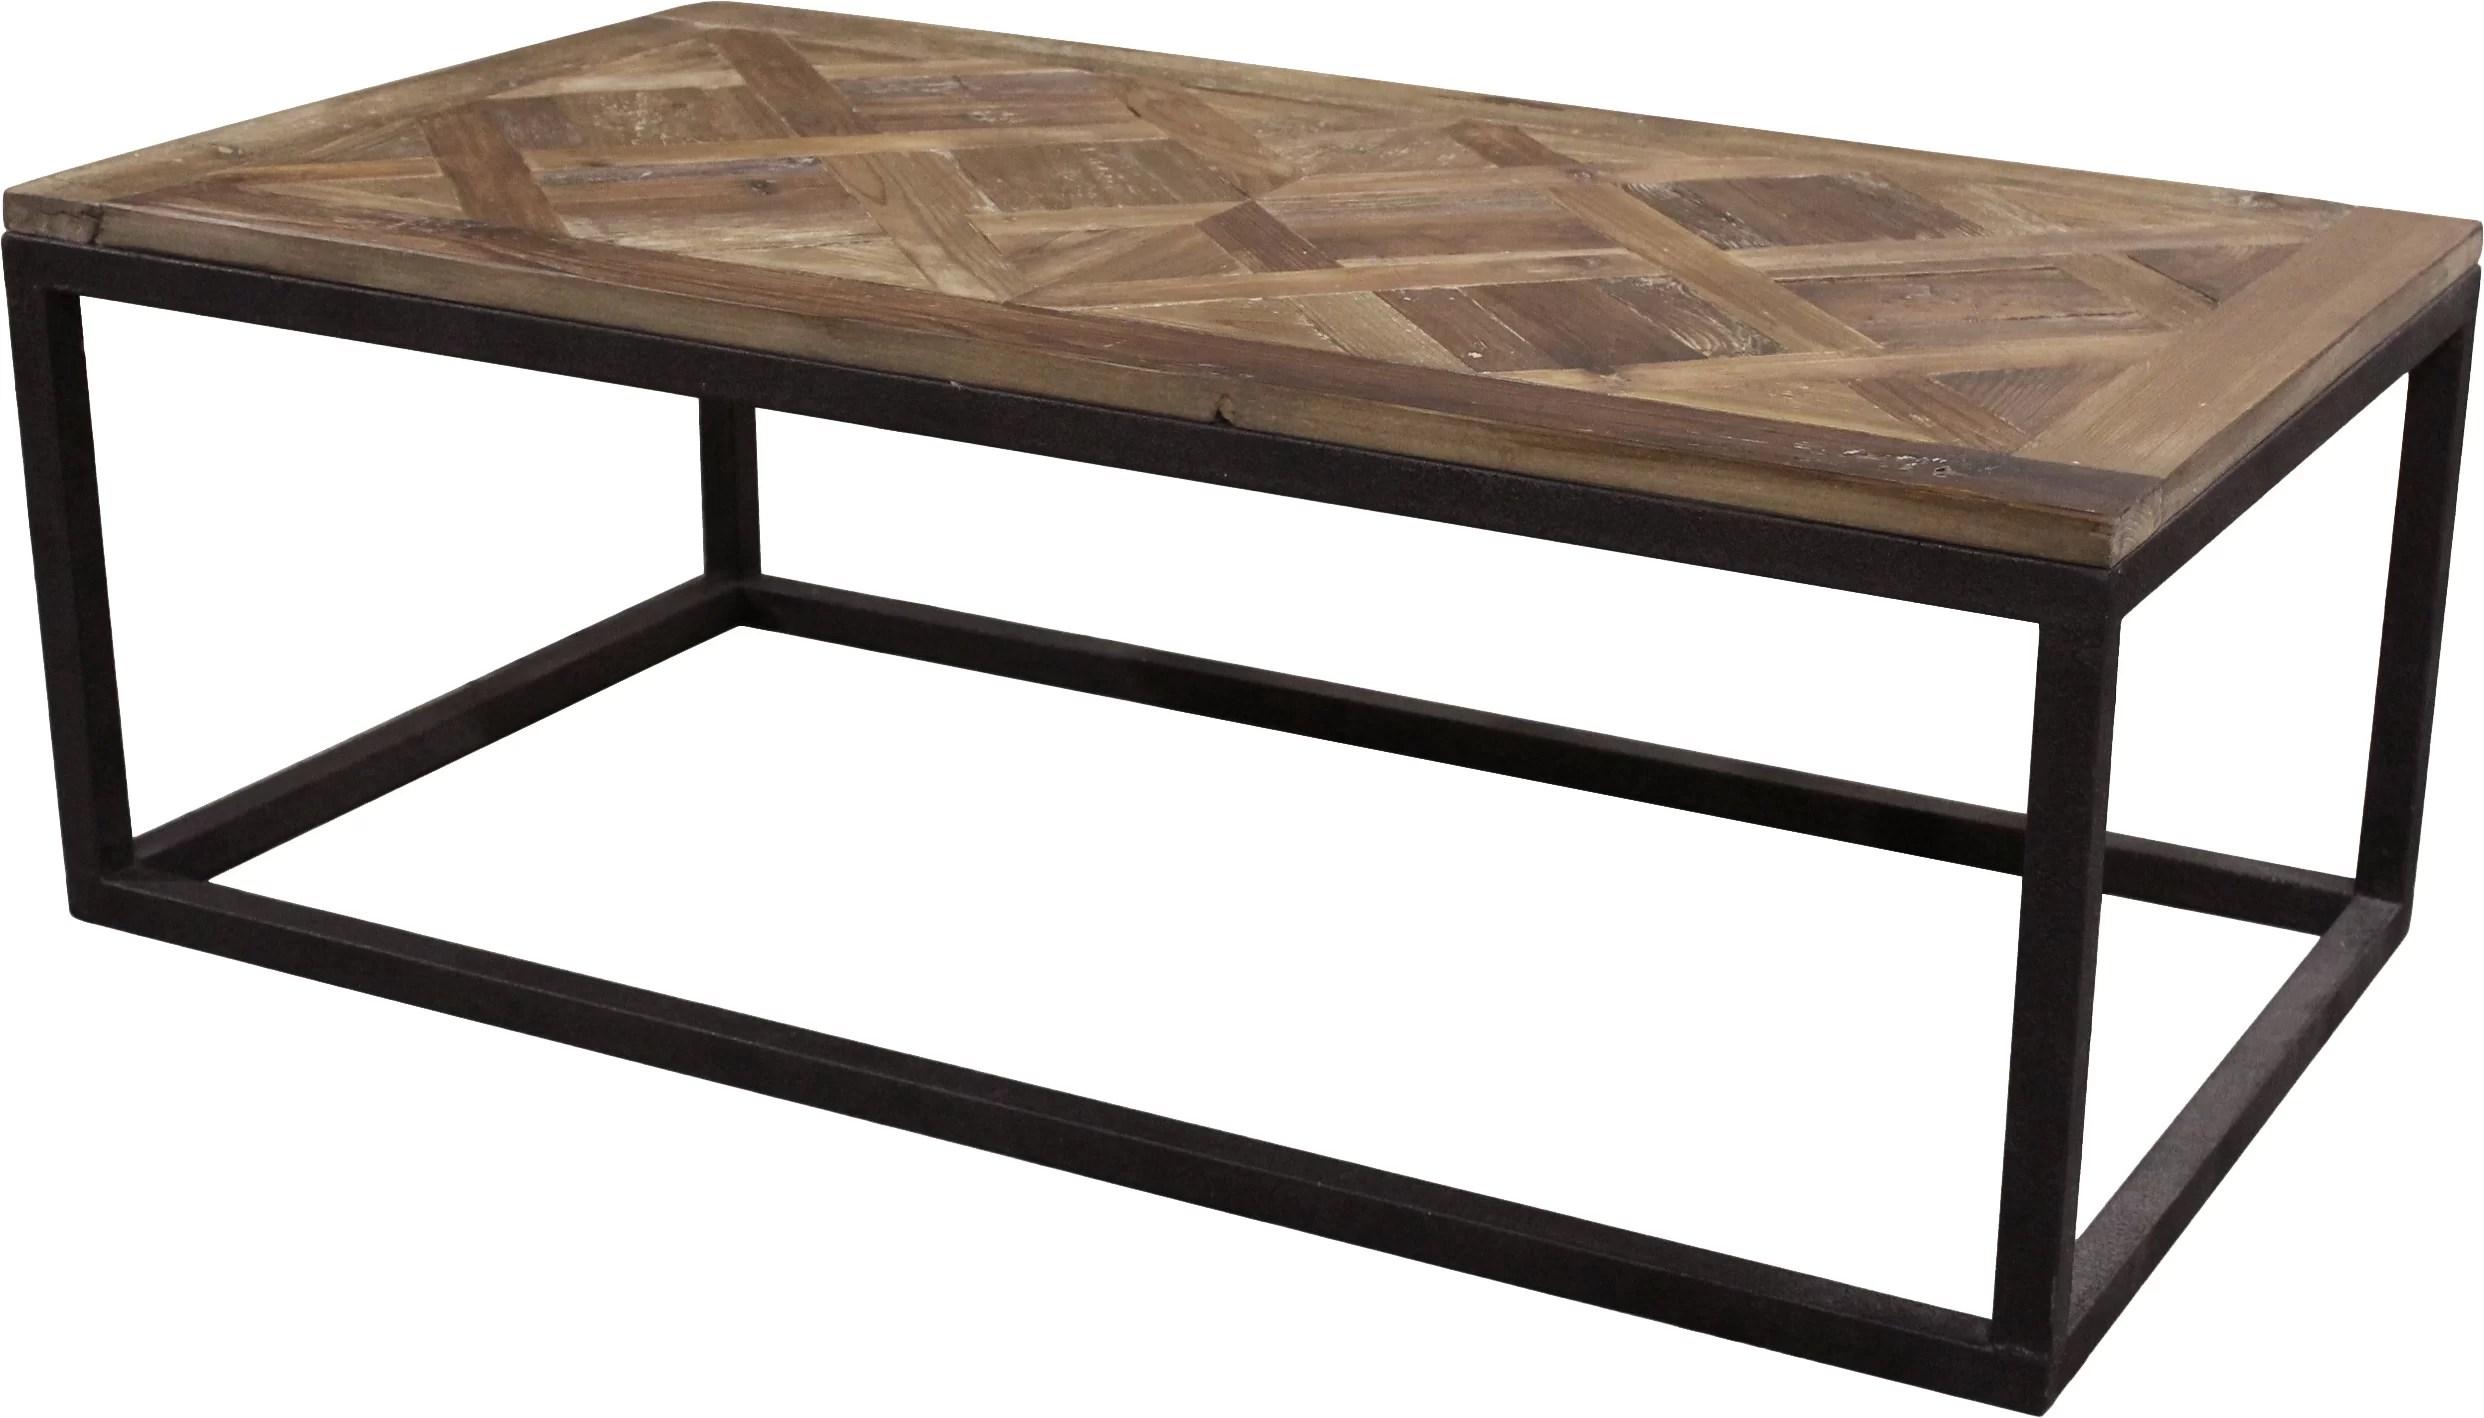 rouen frame coffee table